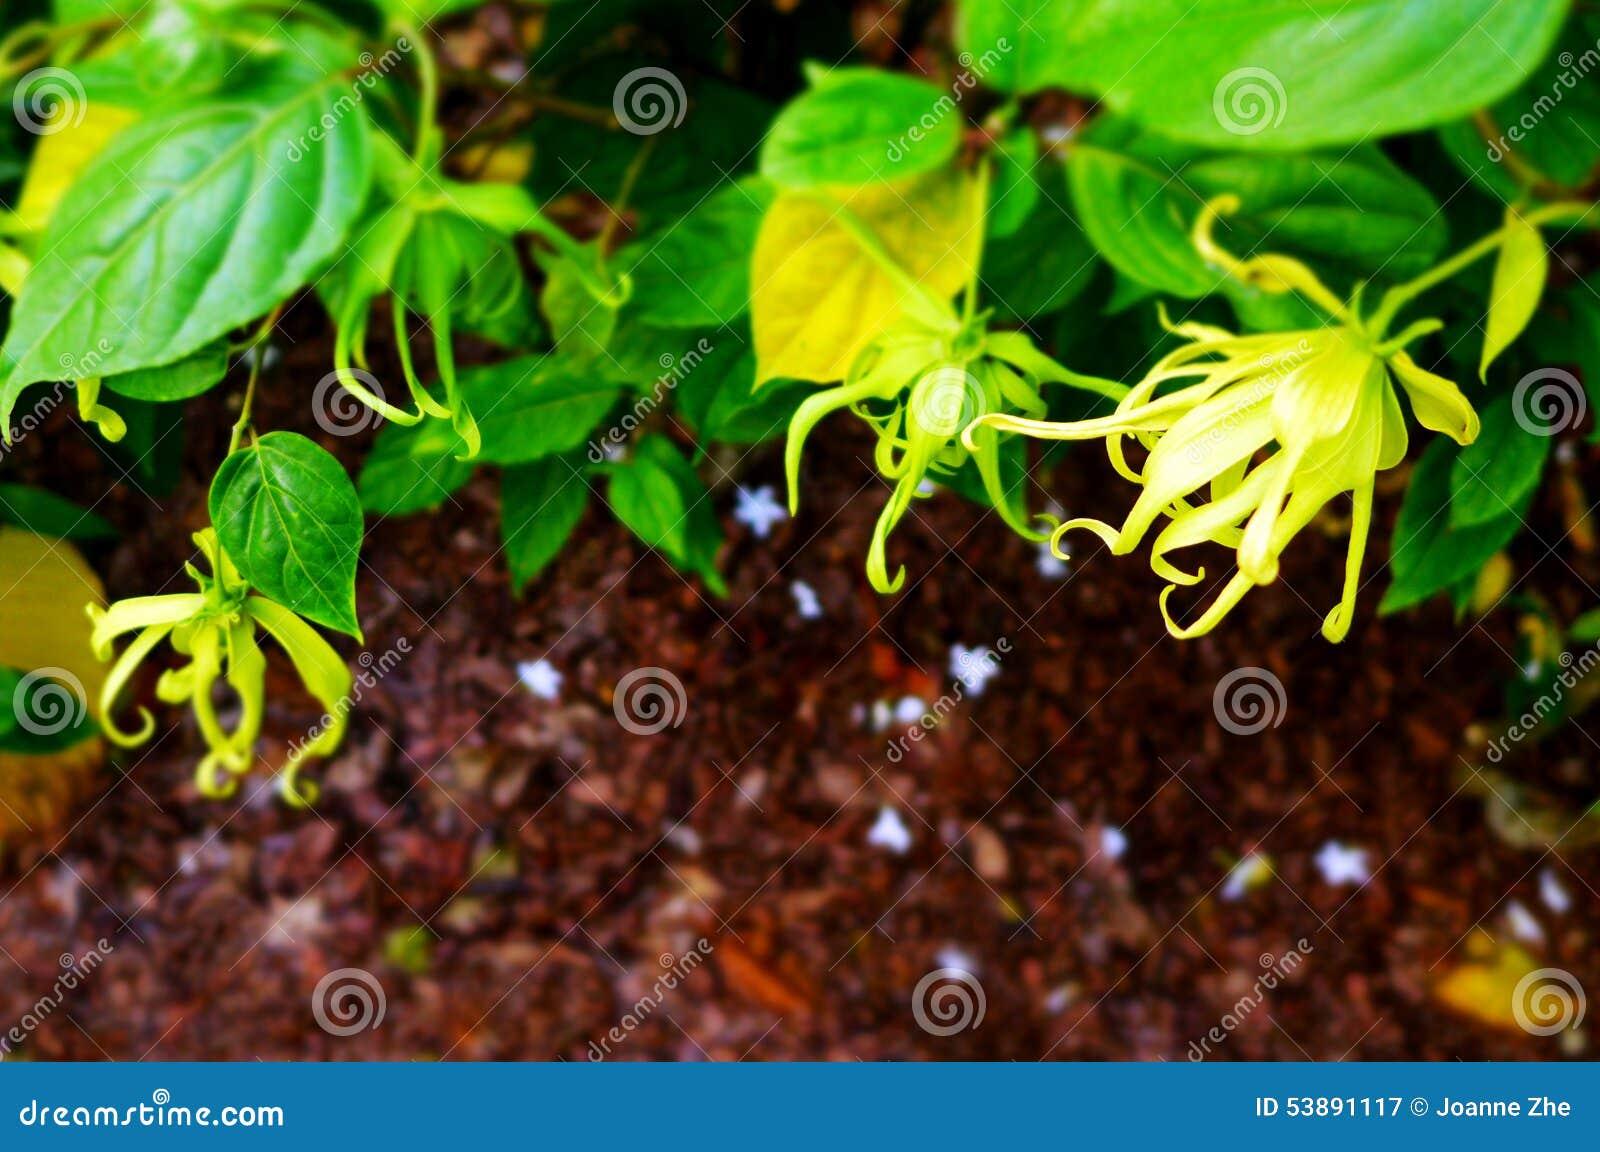 Etude Poetique De Plante Et De Fleurs De Ylang Ylang Image Stock